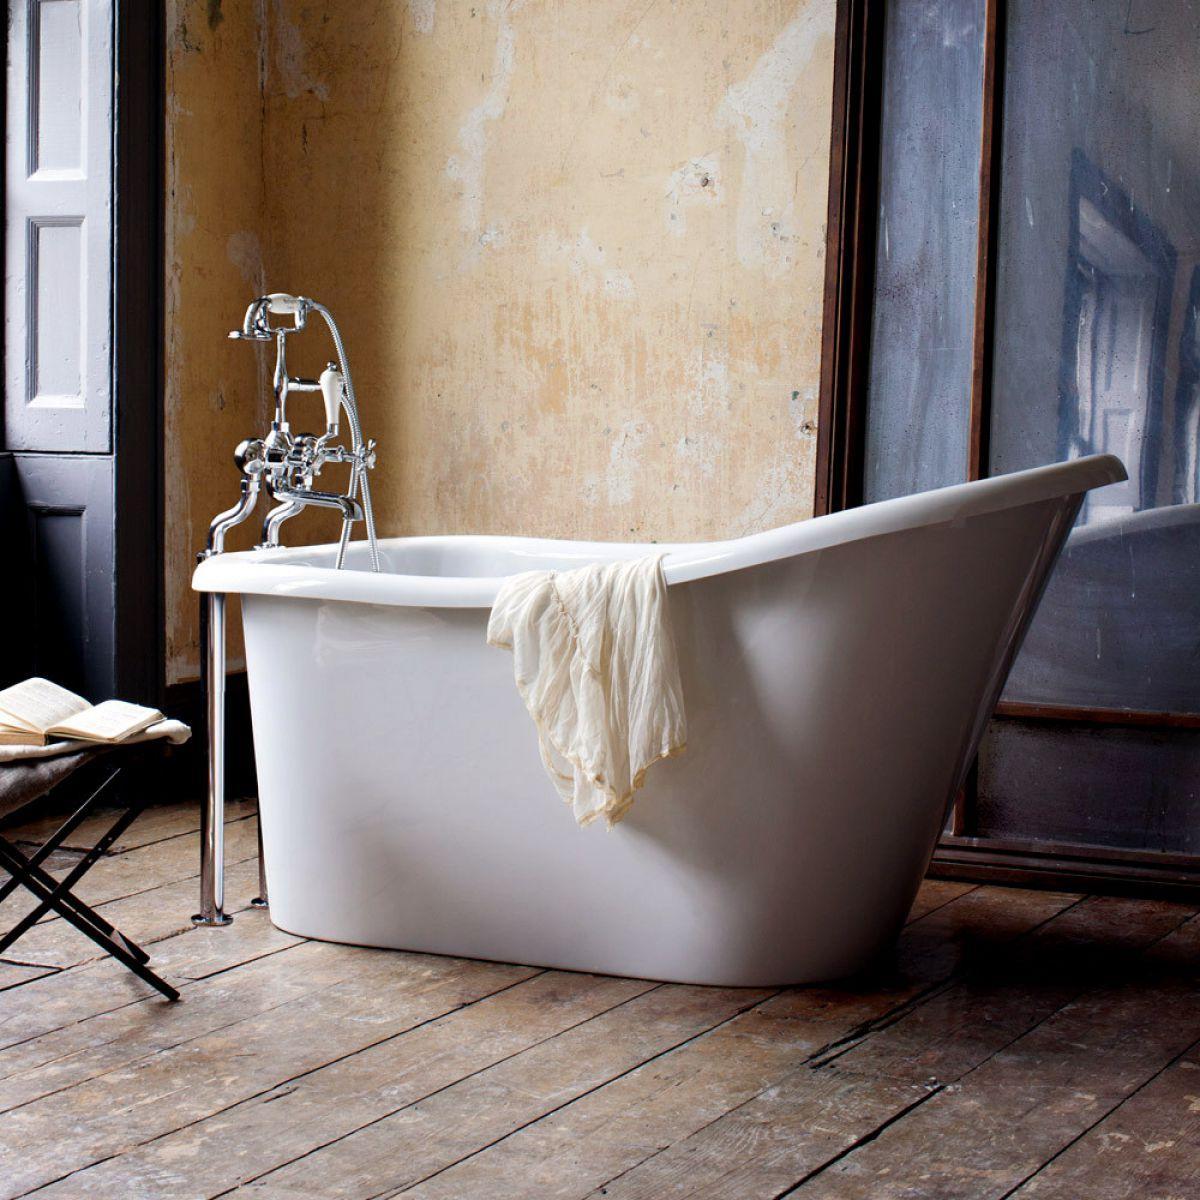 Slipper Bath Uk Burlington emperor slipper bath uk bathrooms burlington emperor slipper bath sisterspd